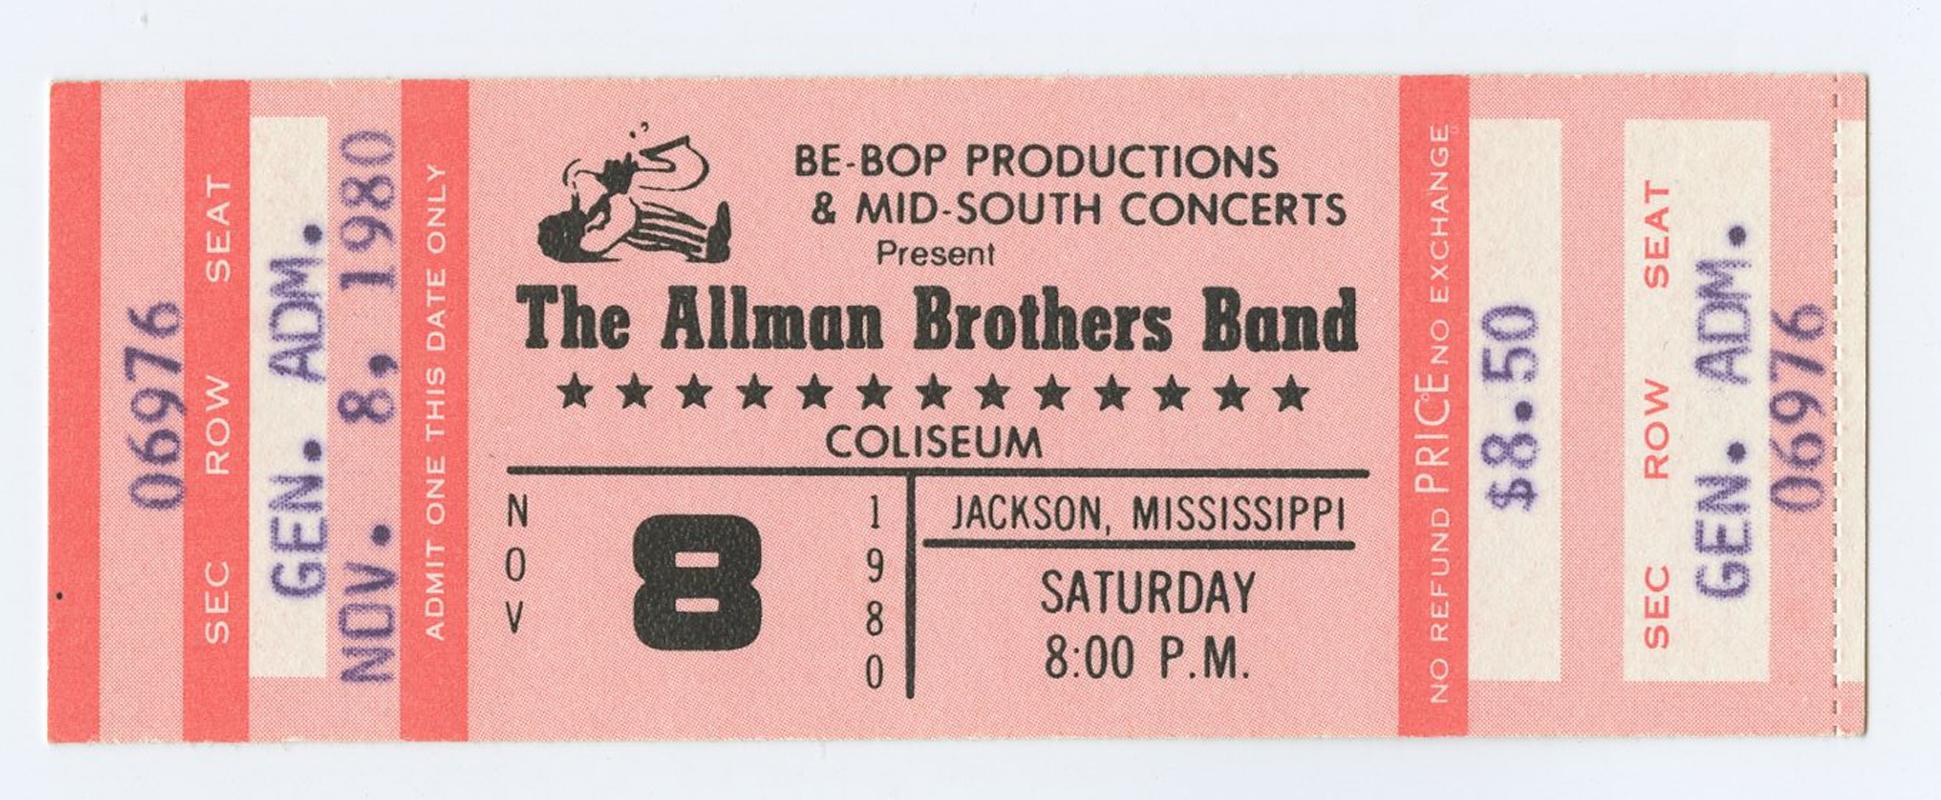 Allman Brothers Band Ticket 1980 Nov 8 Coliseum Jackson Mississippi Unused